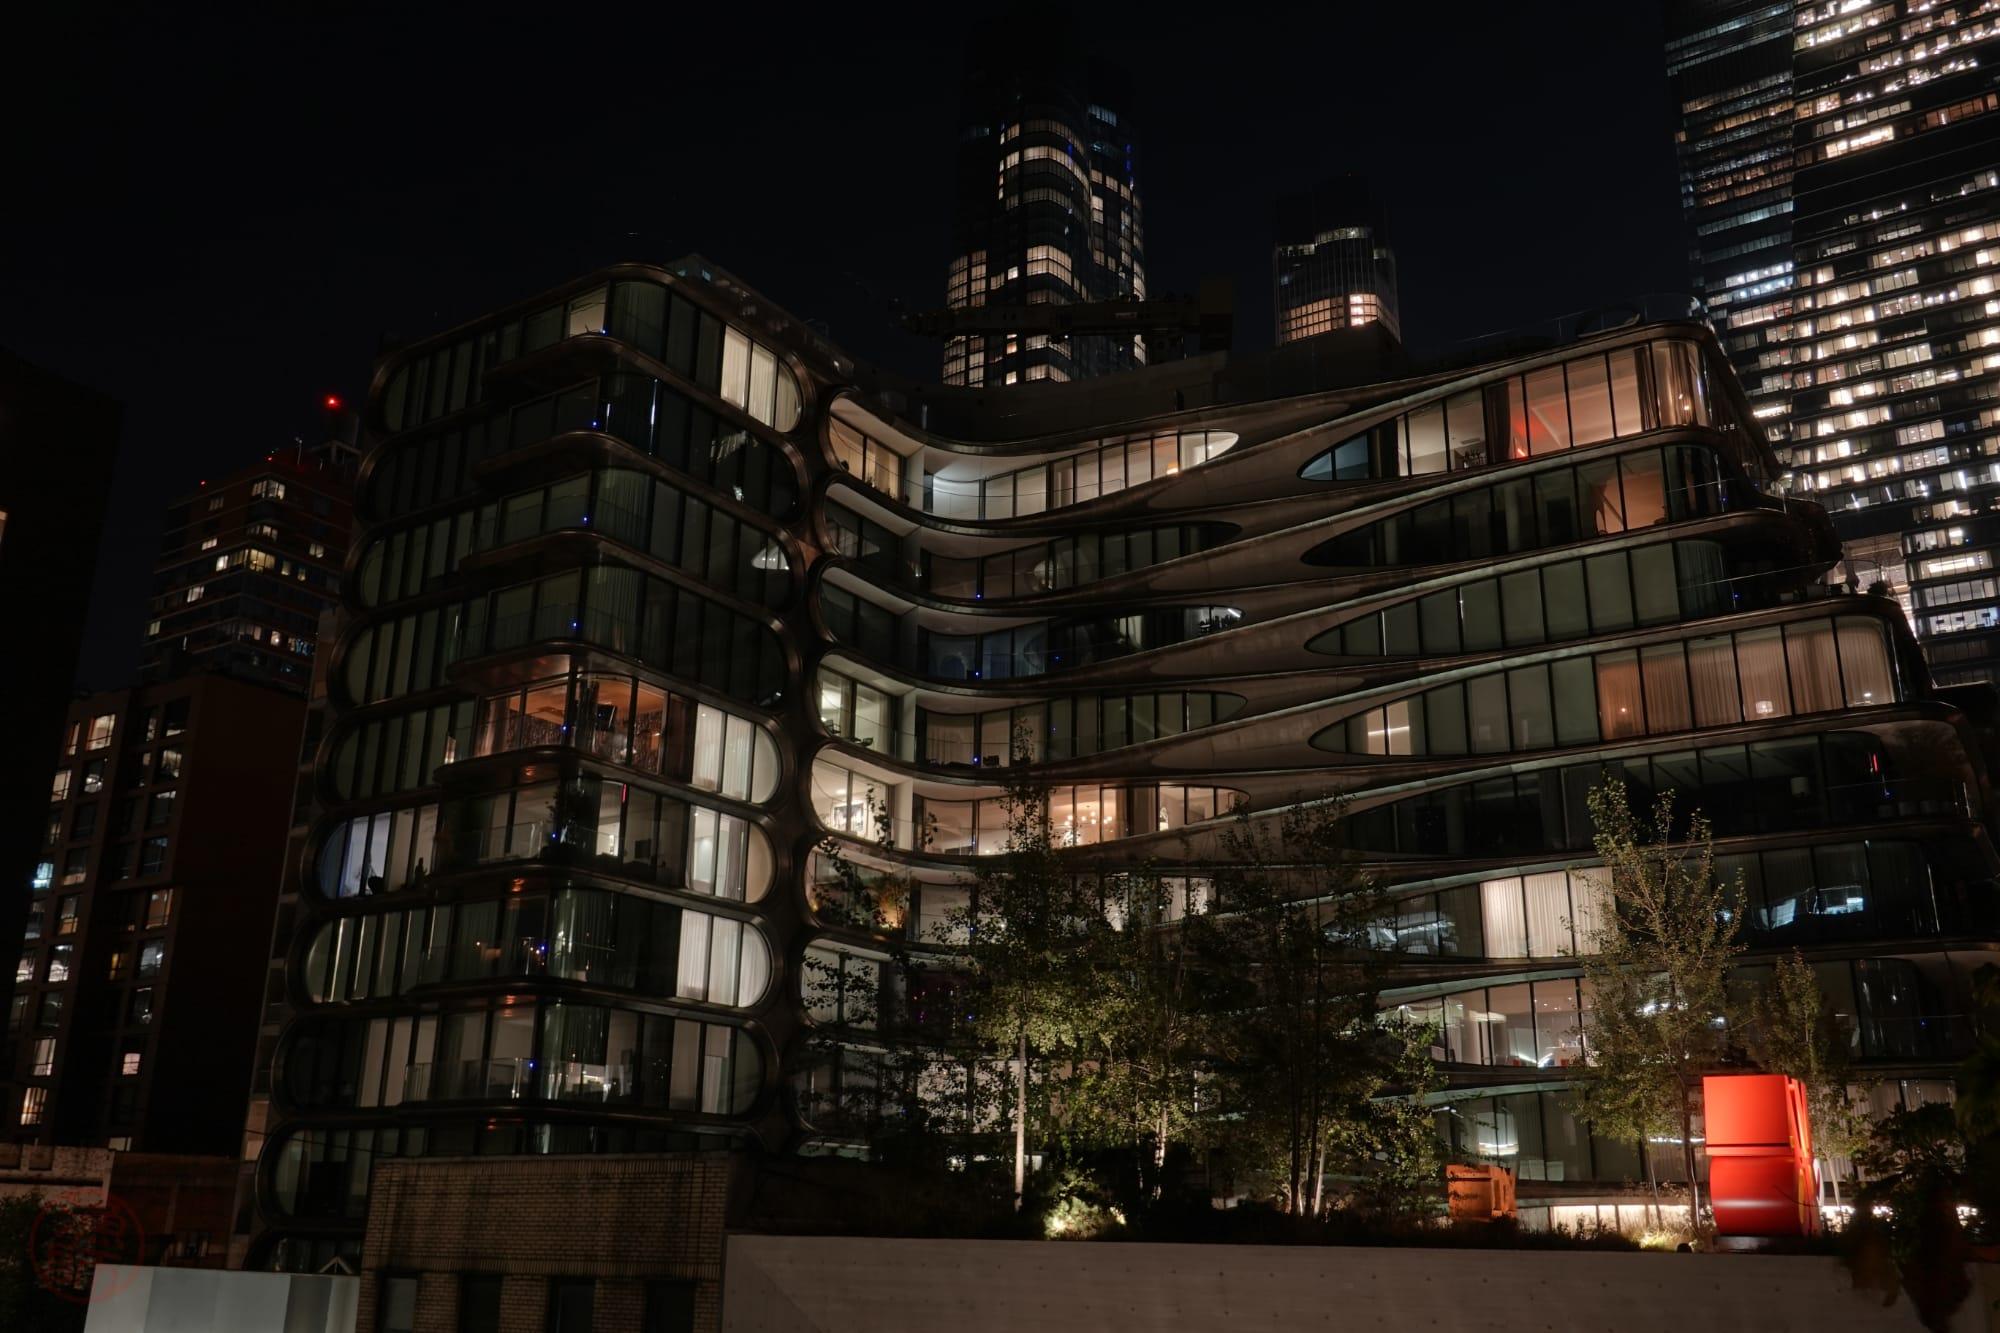 NYC/Gotham